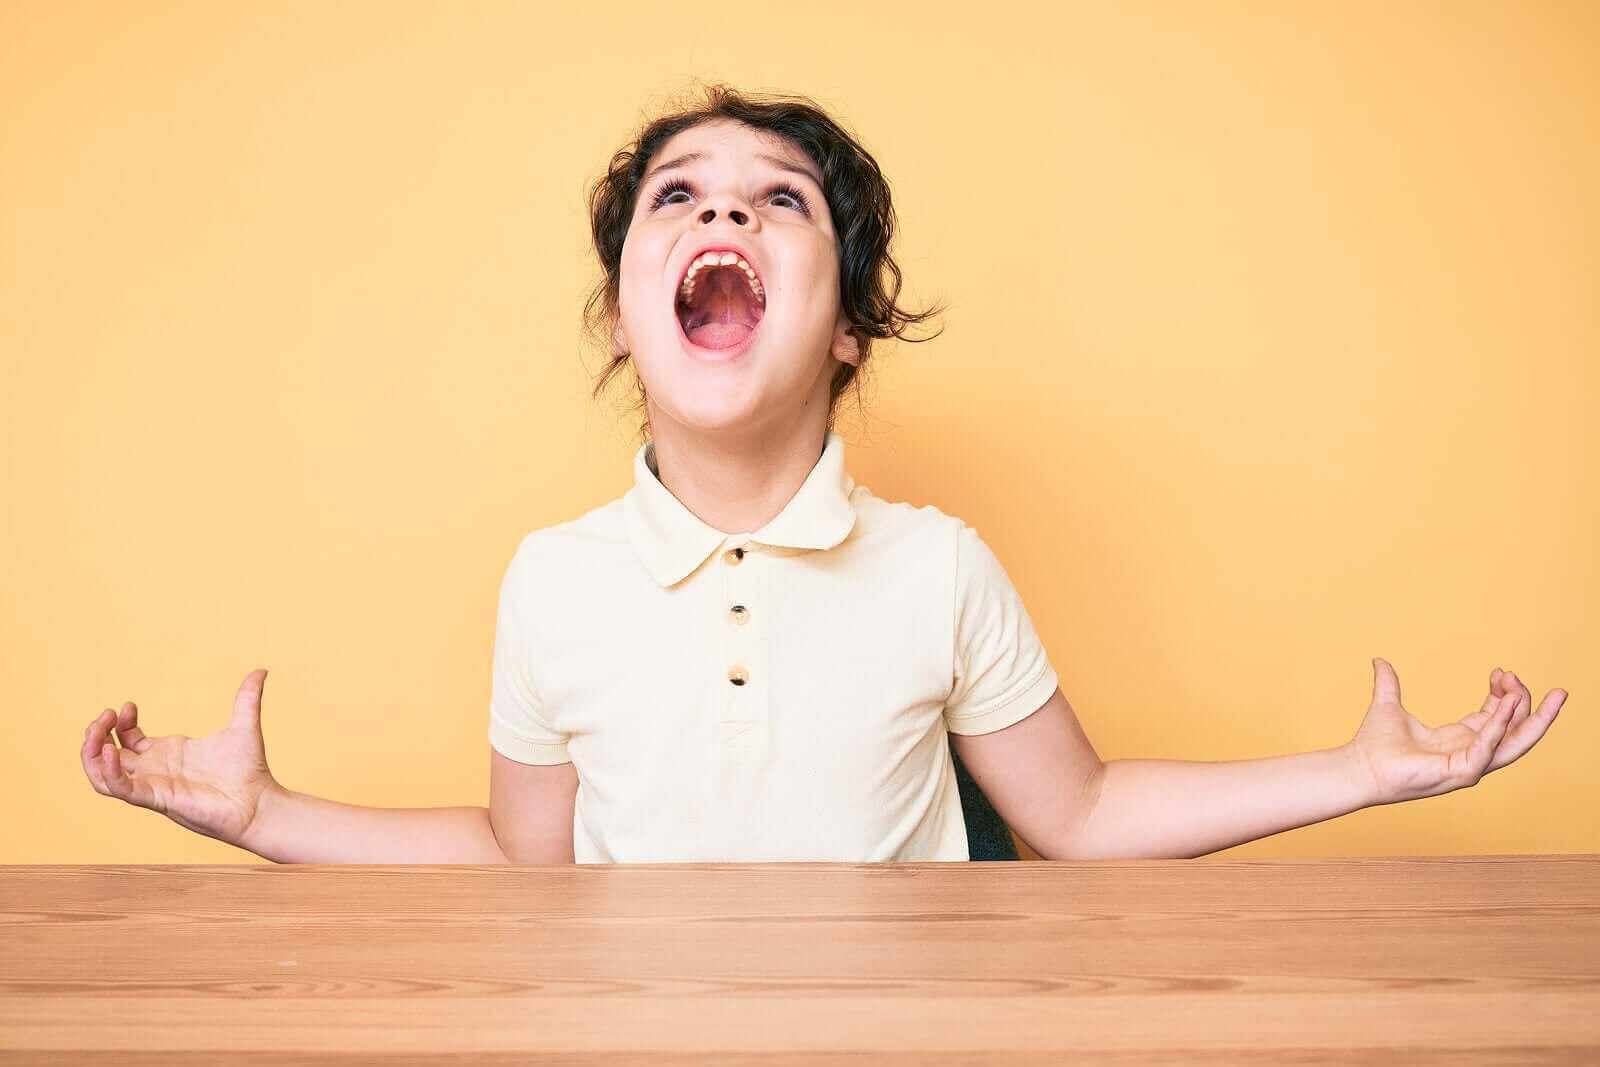 Hvorfor blir barn aggresive?